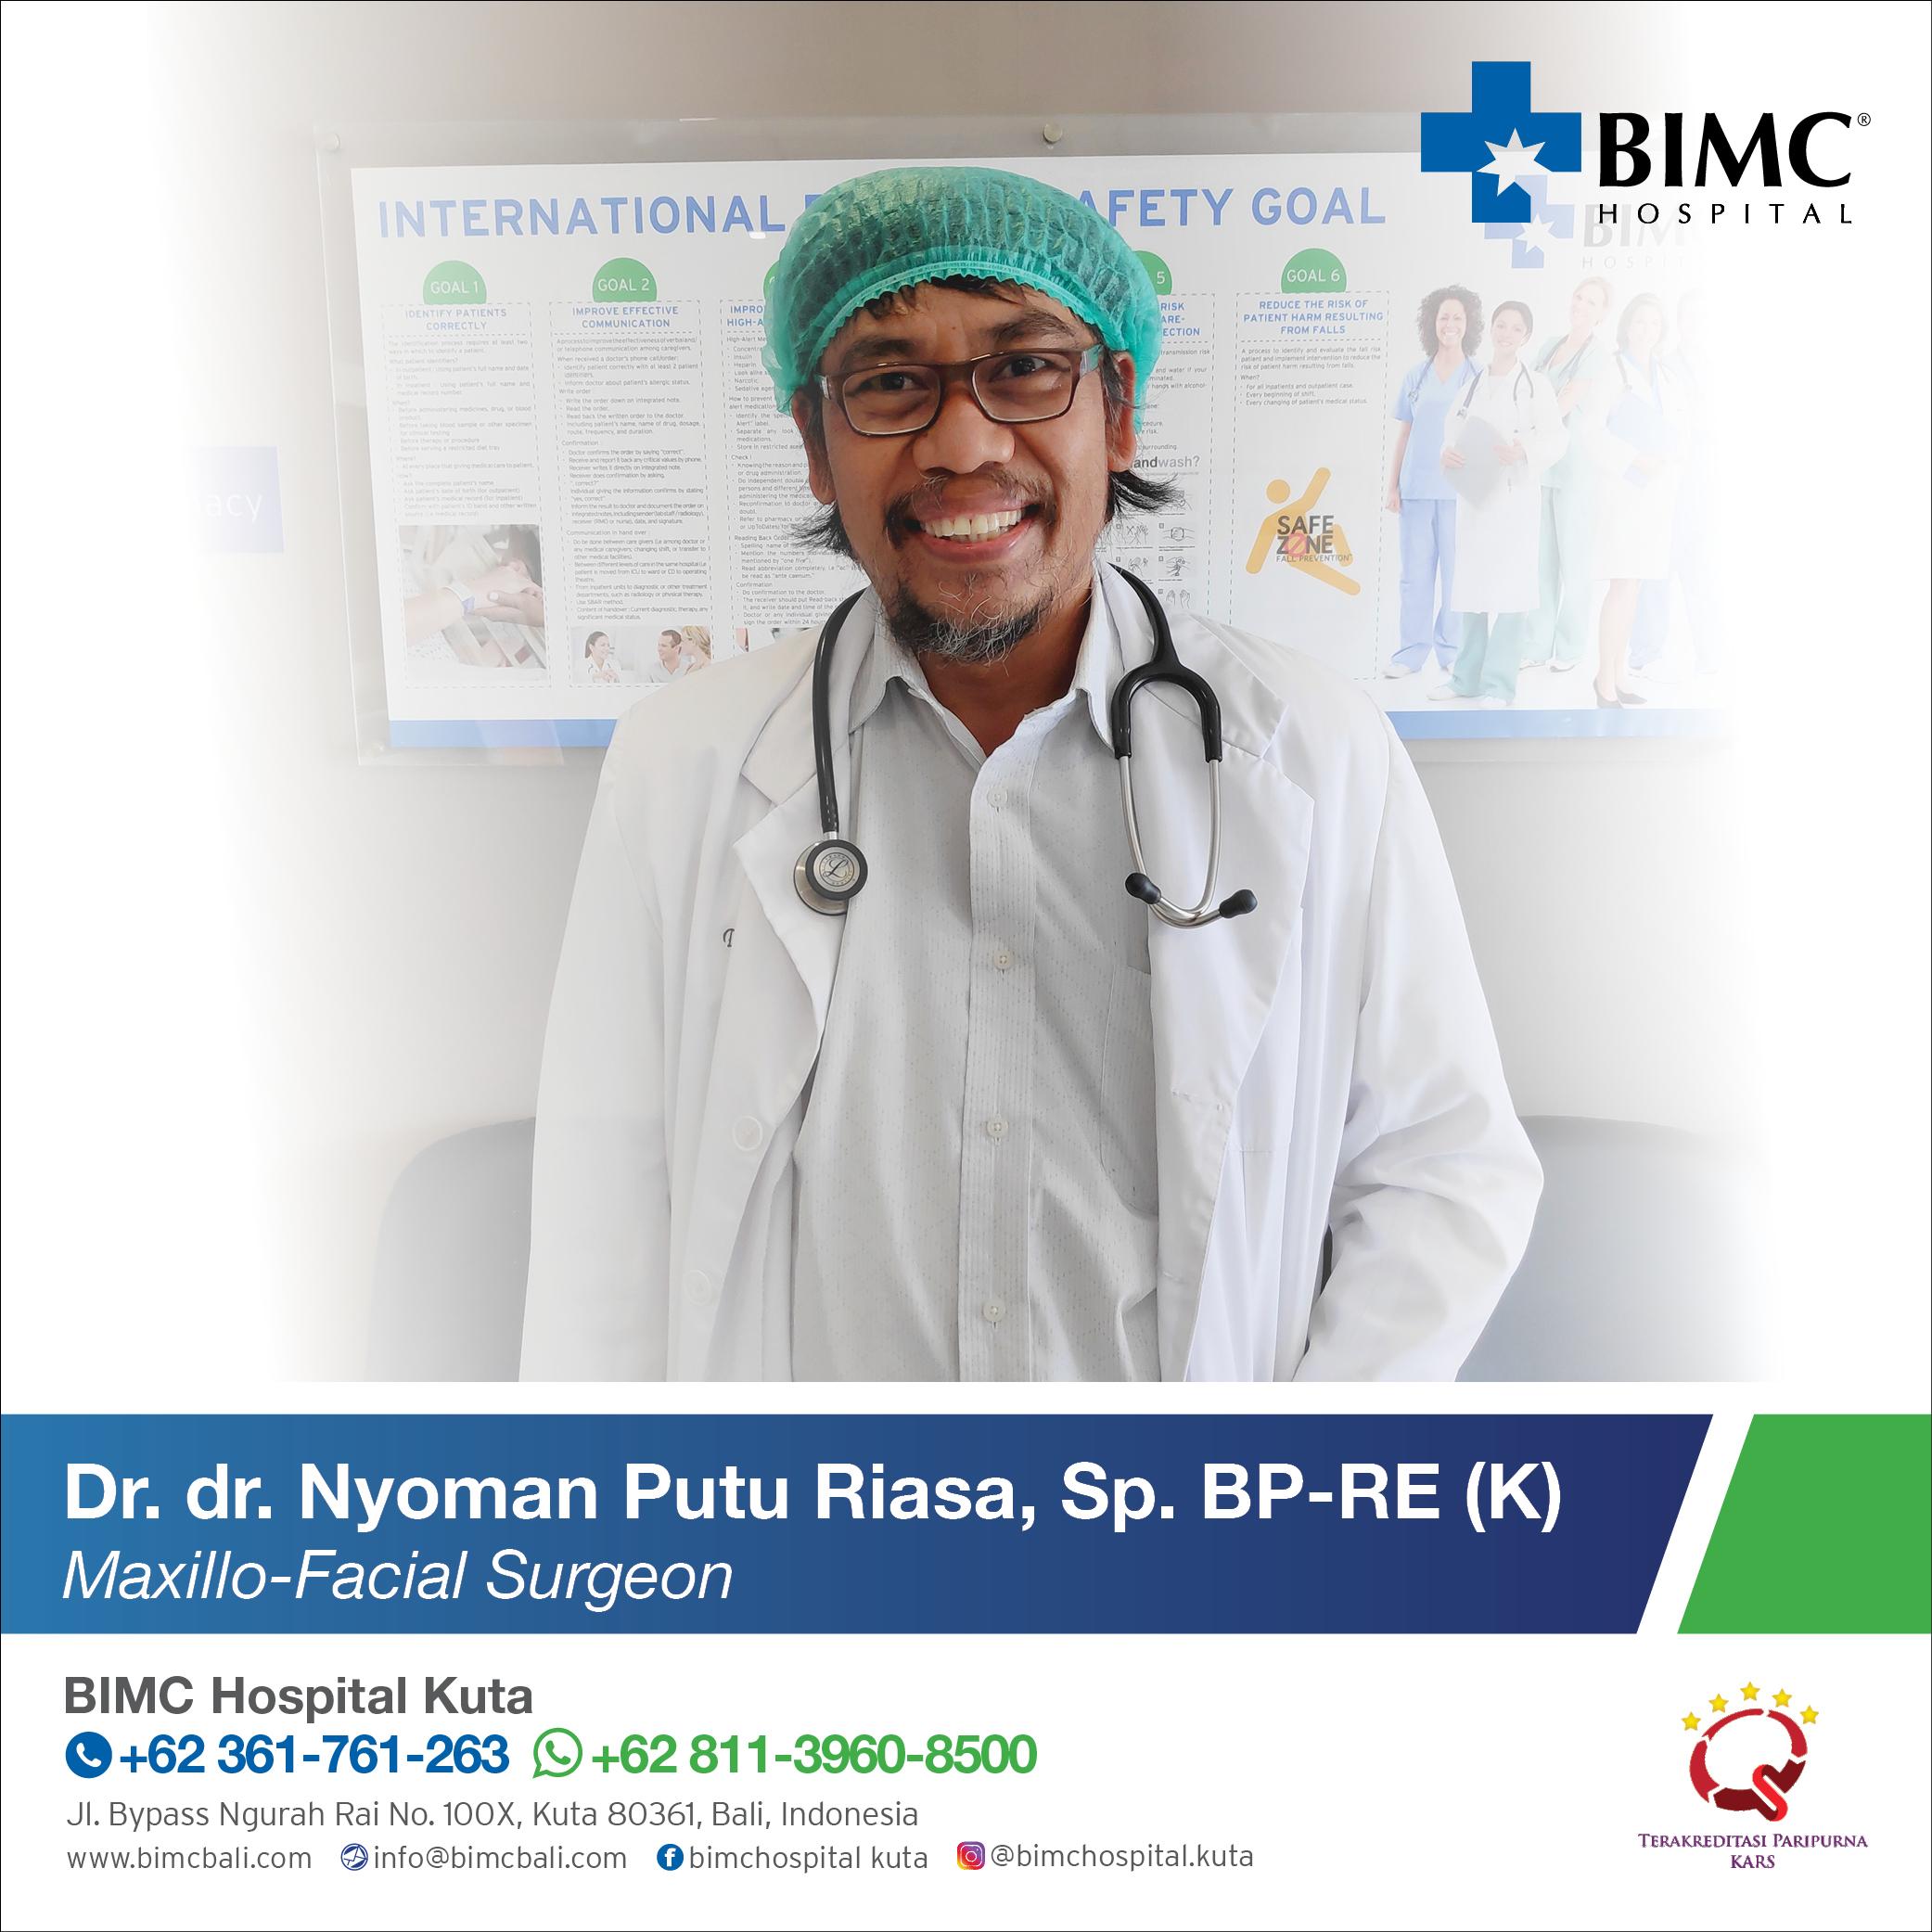 Dr. Riasa